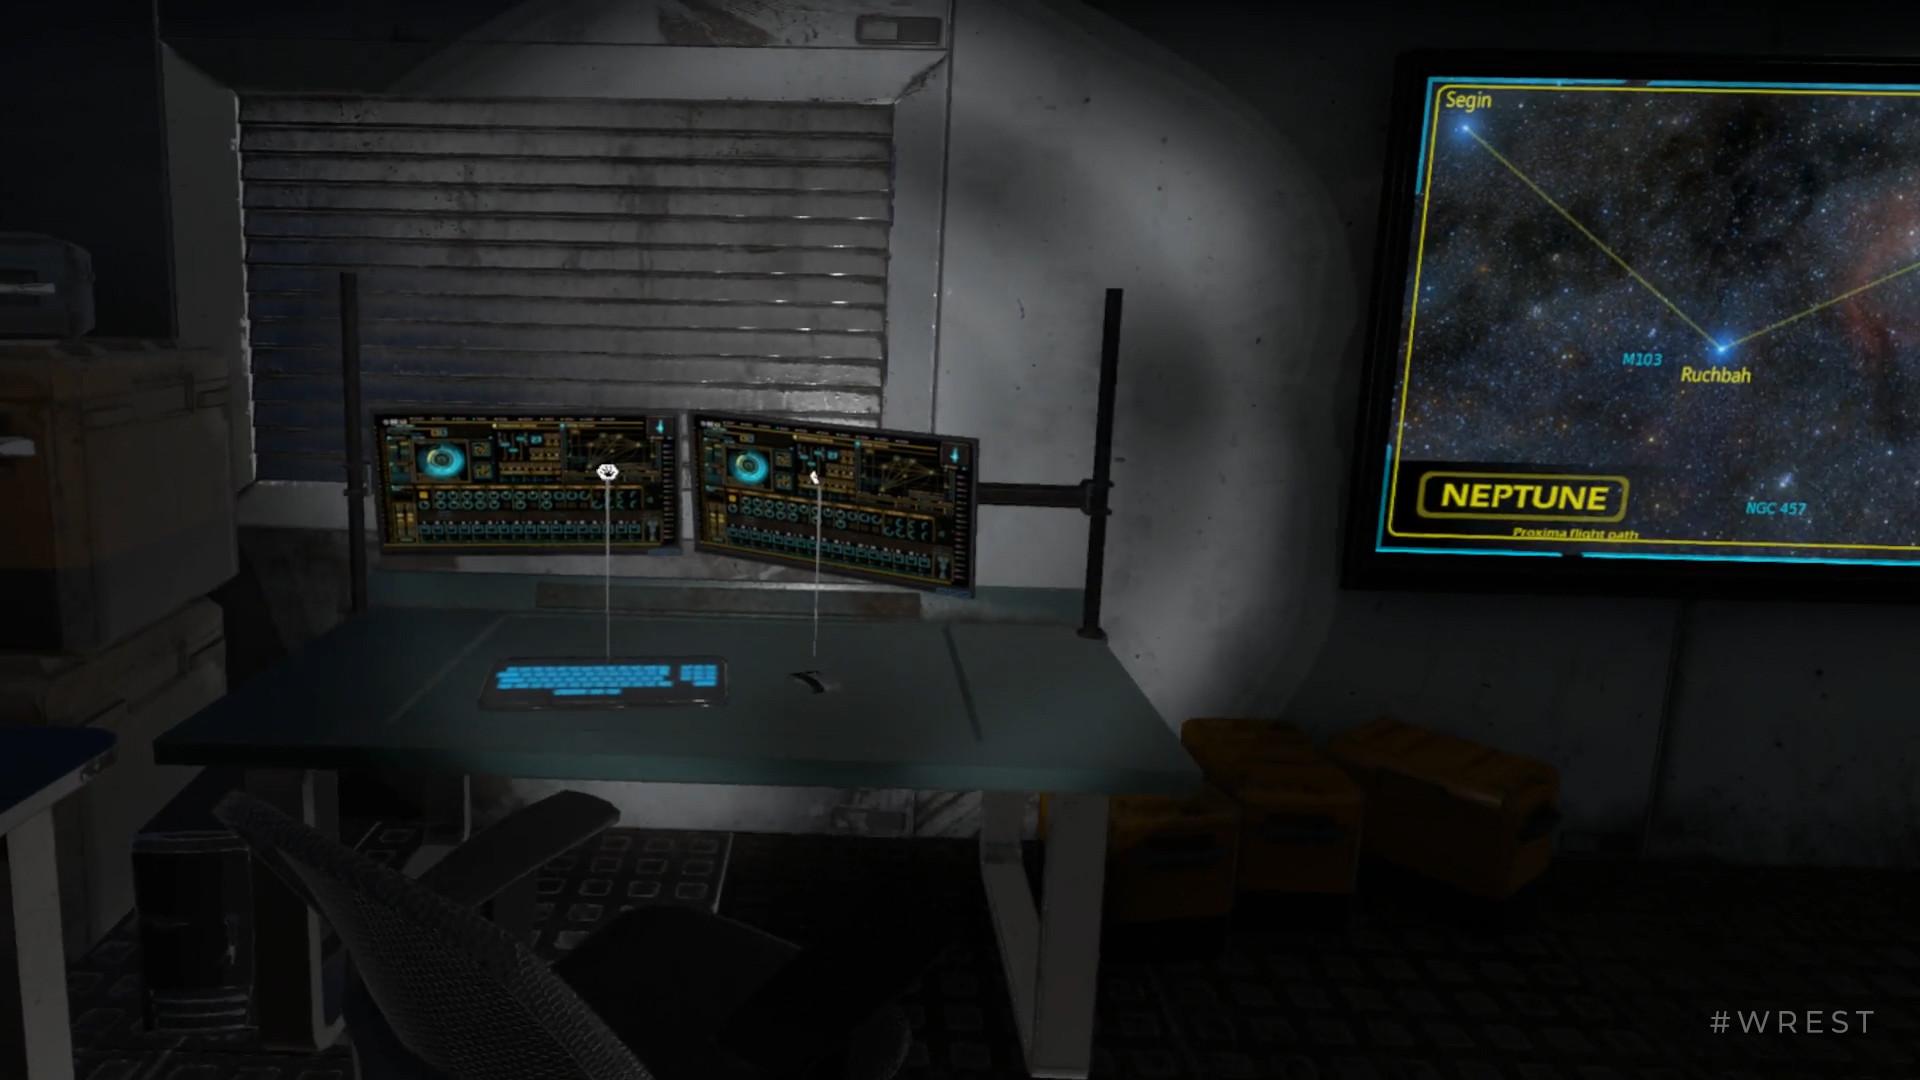 WREST screenshot